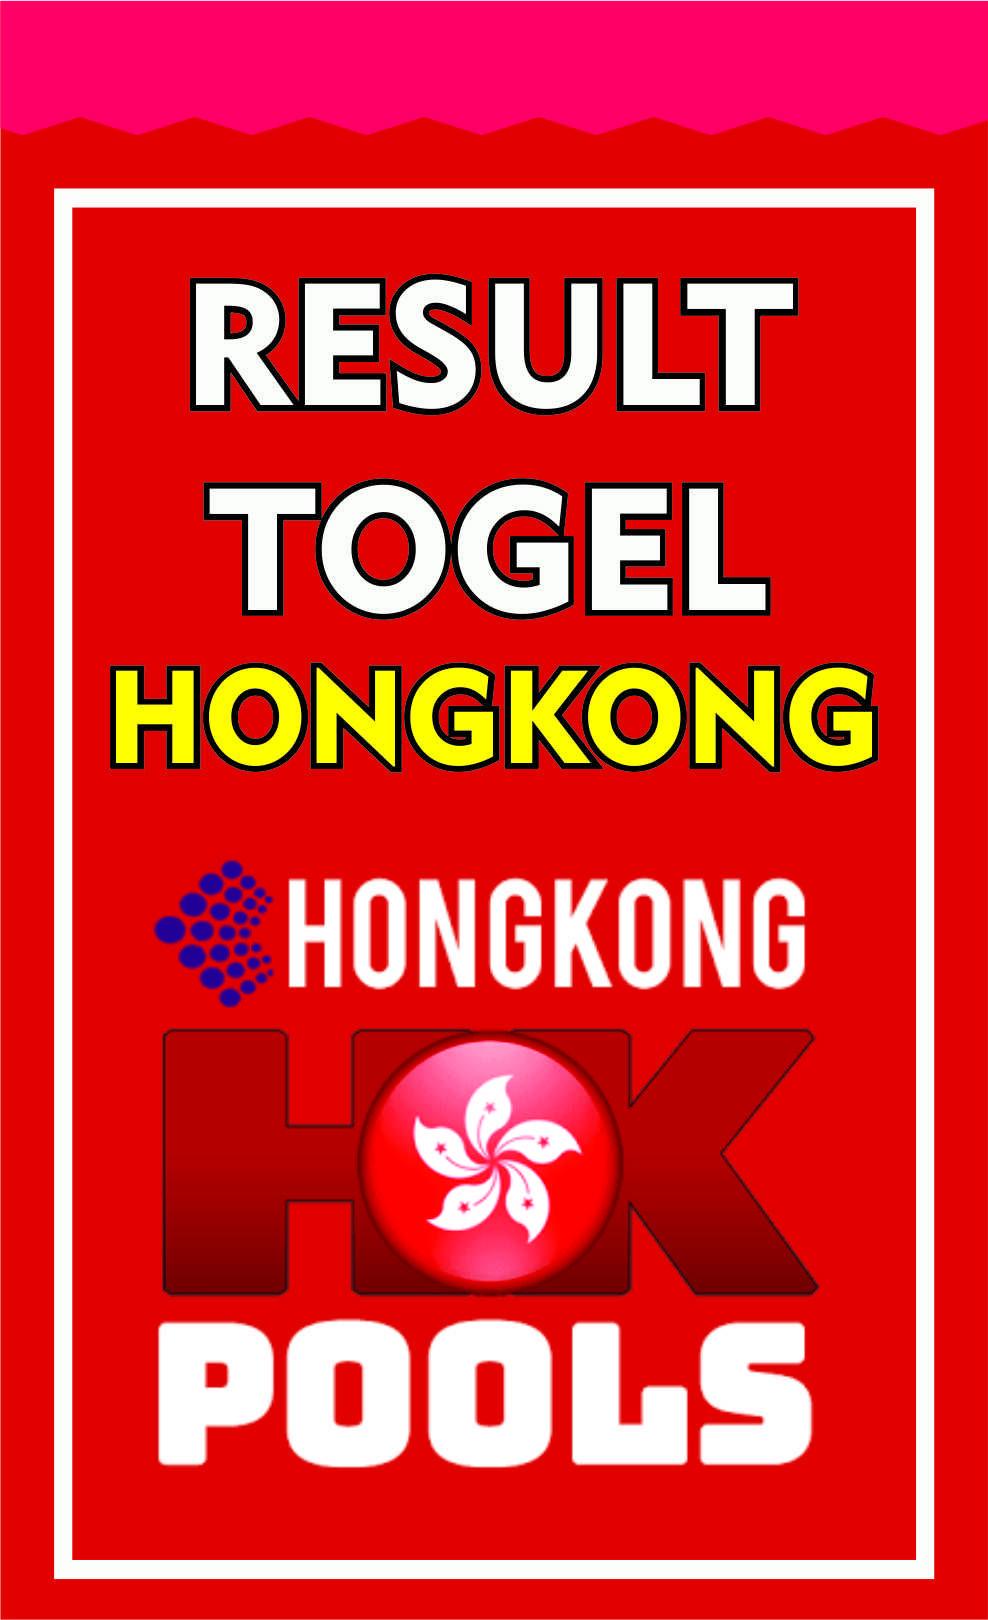 Keluaran Togel Hongkong Hari Ini 2019 : keluaran, togel, hongkong, Harian, Lengkap, Angka, Keluar, Result